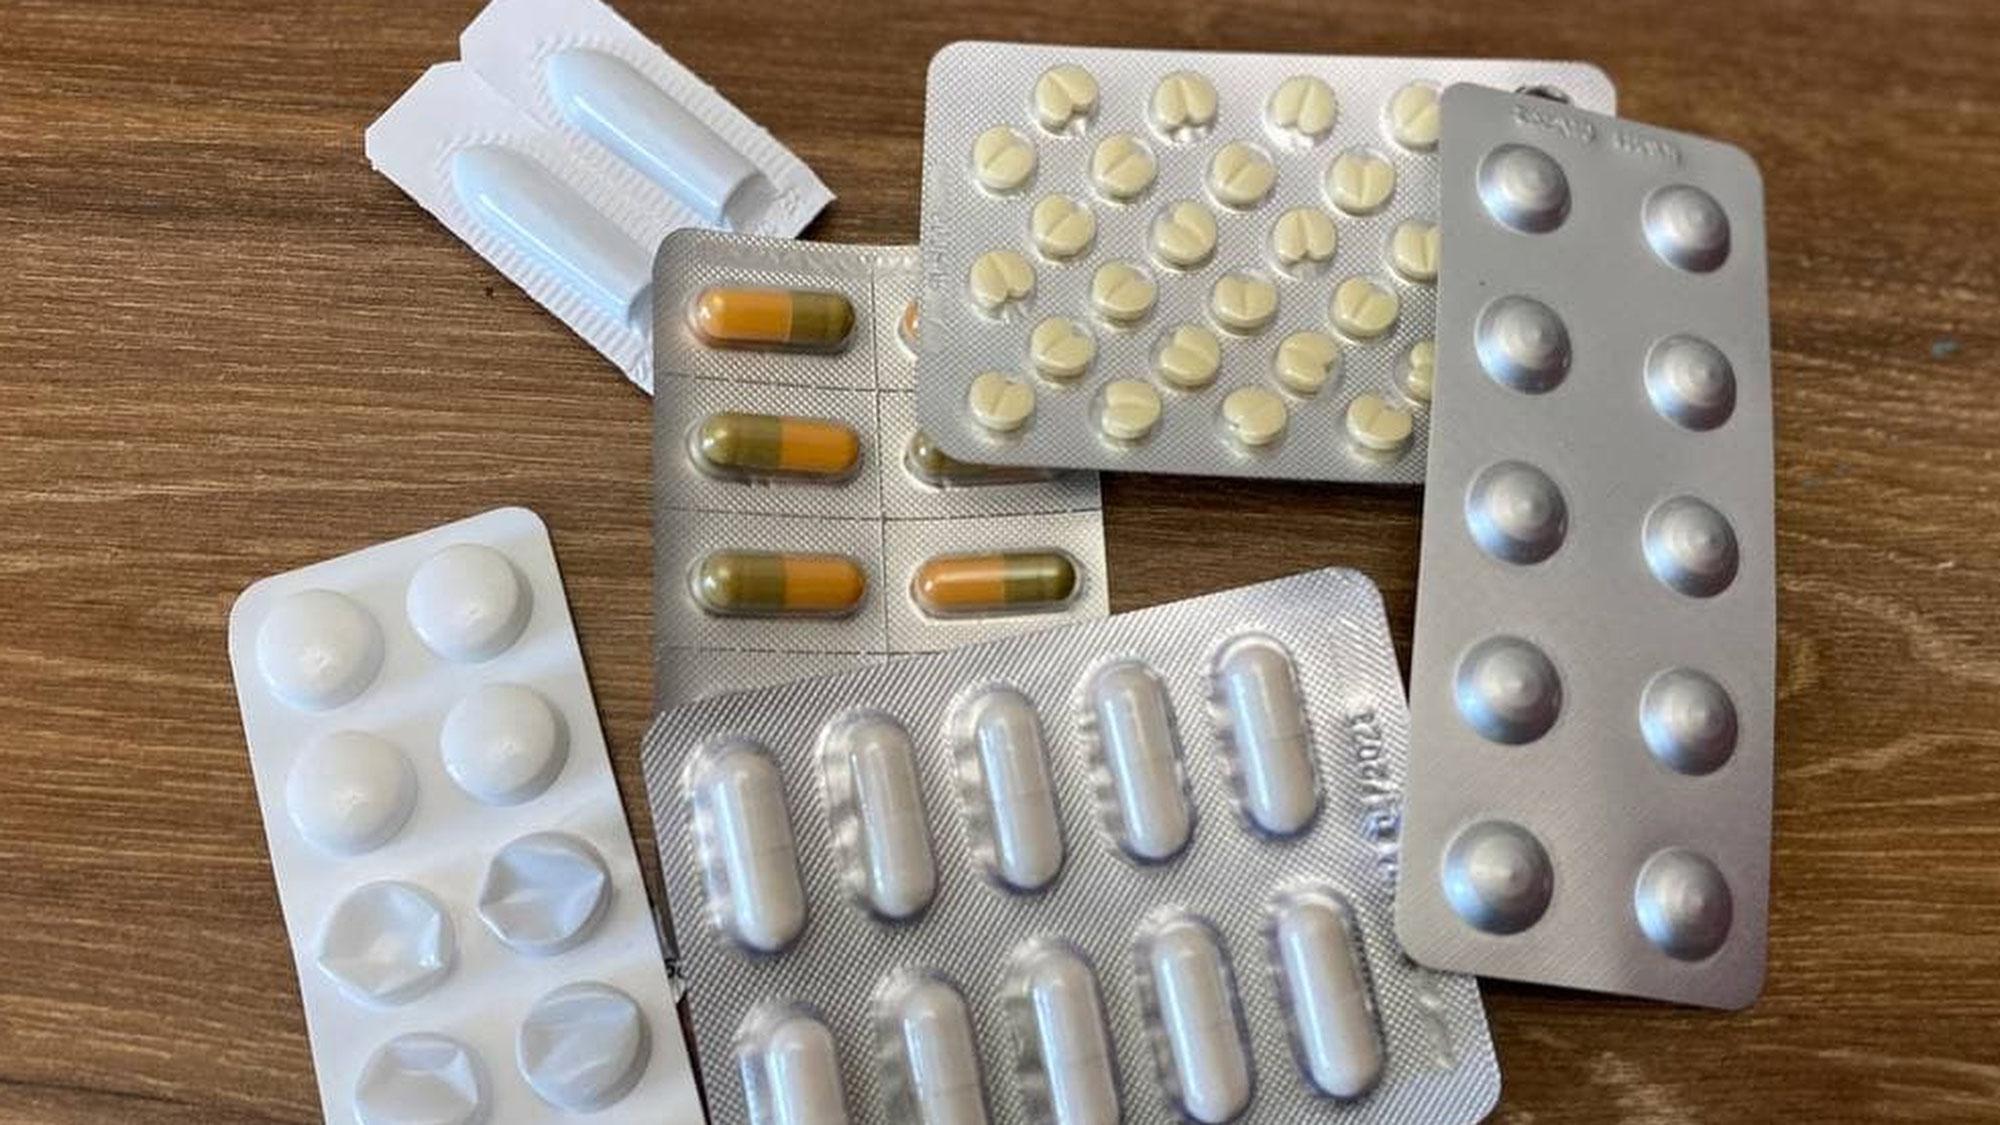 Різноманіття онкологічних ліків в Україні: Боже благословення чи угода з дияволом? Як обрати?